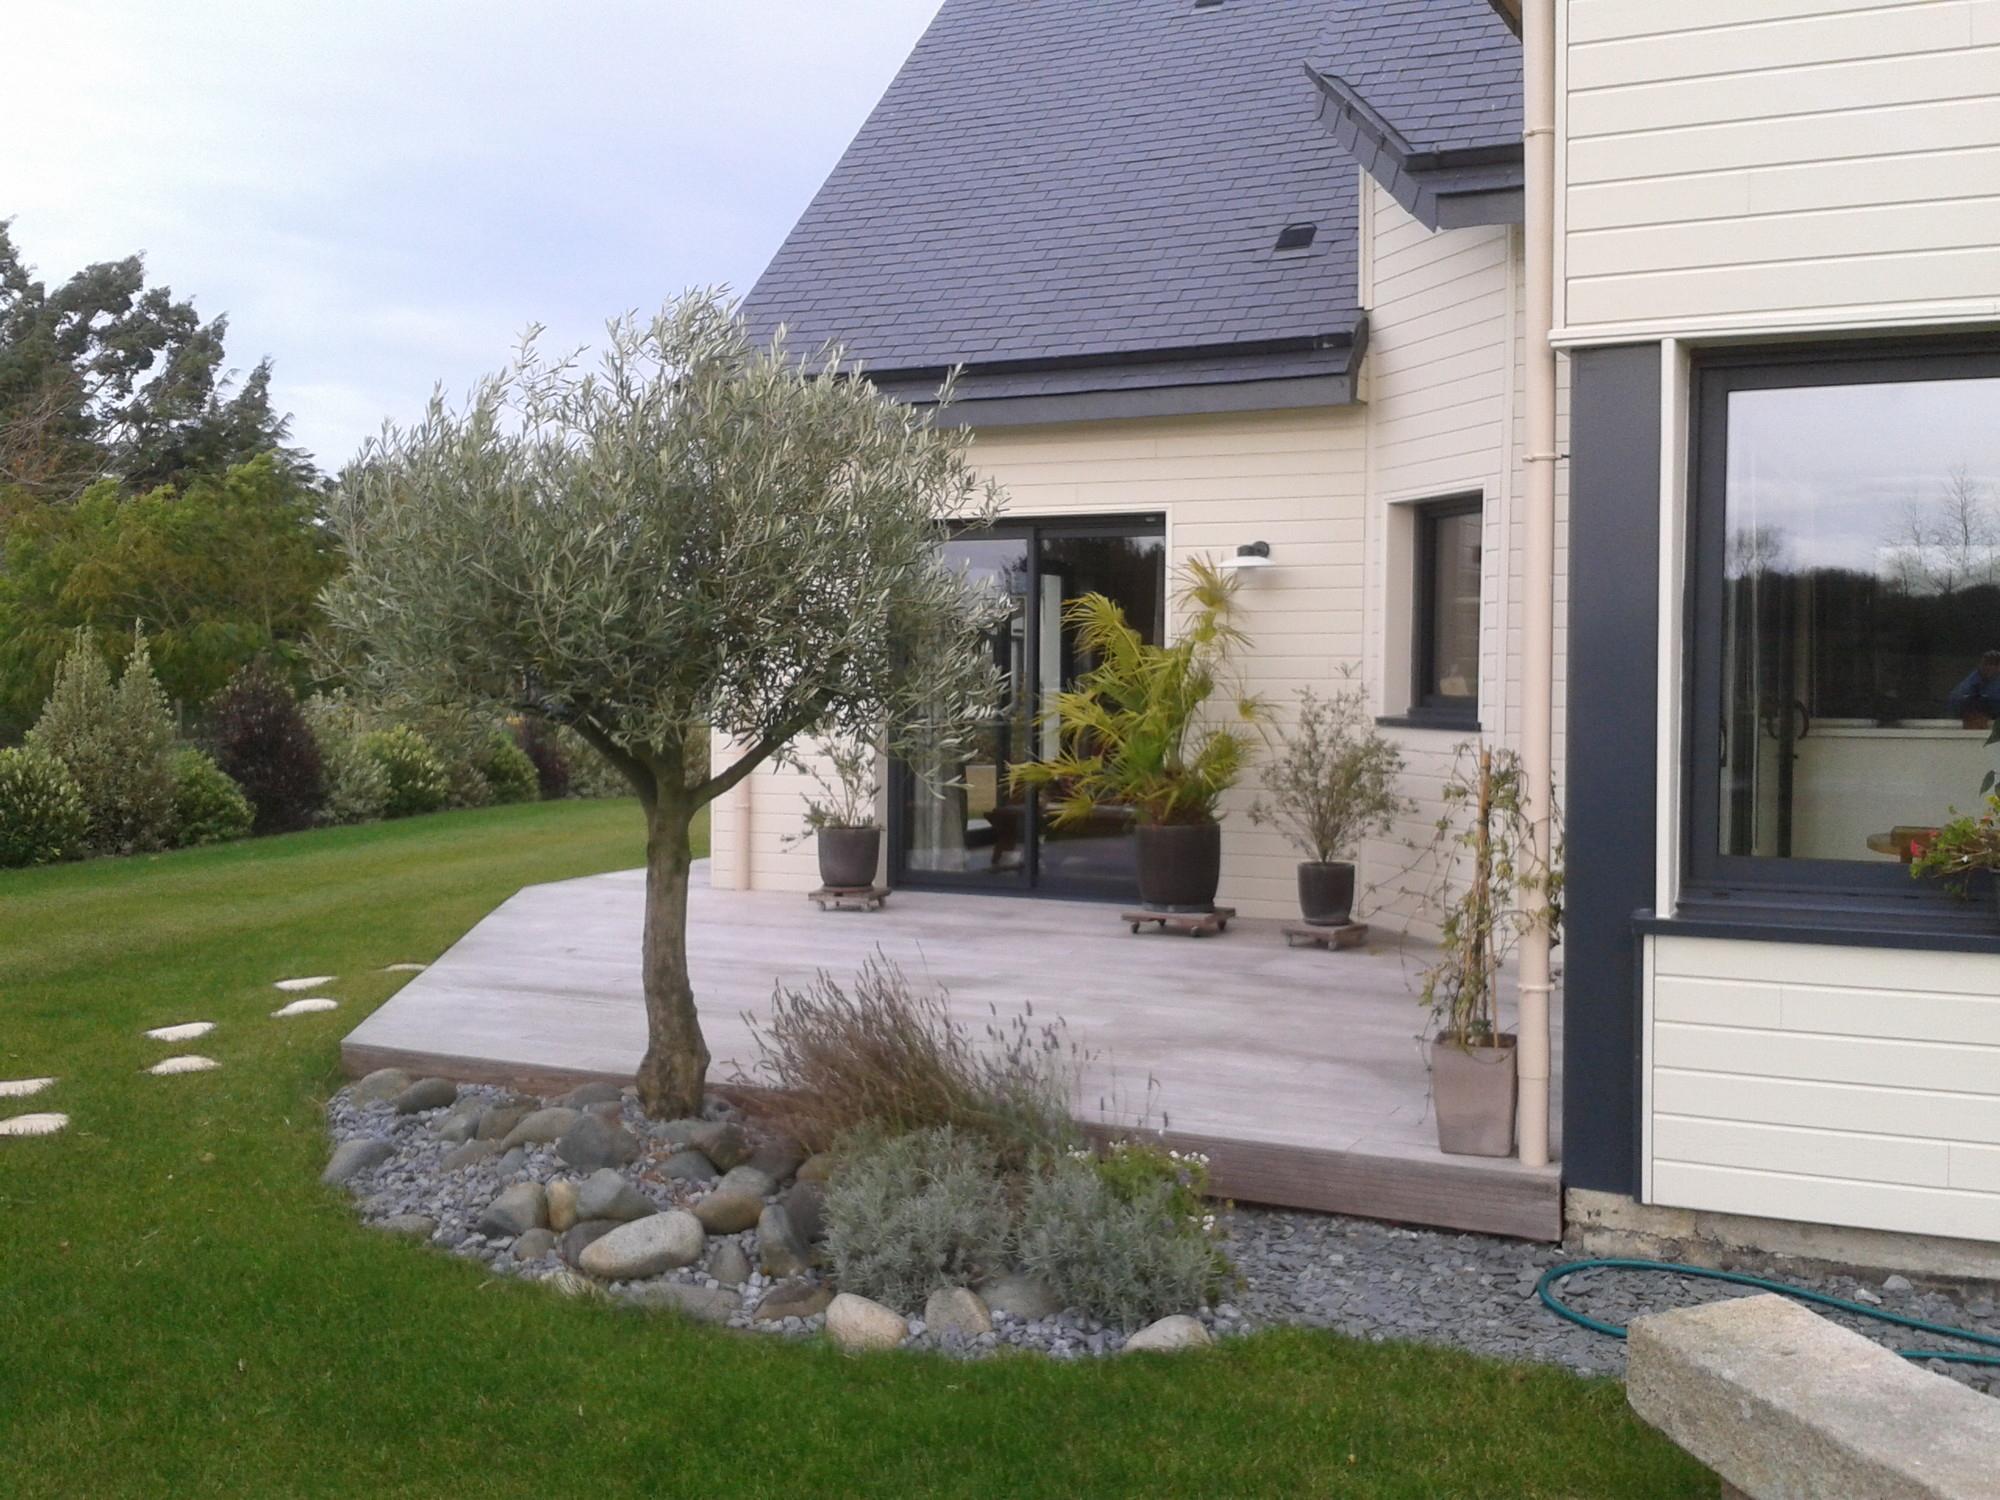 Terrasse En Bois Avec Clôture Pour Masquer Le Vis À Vis ... intérieur Cacher Vis A Vis Jardin